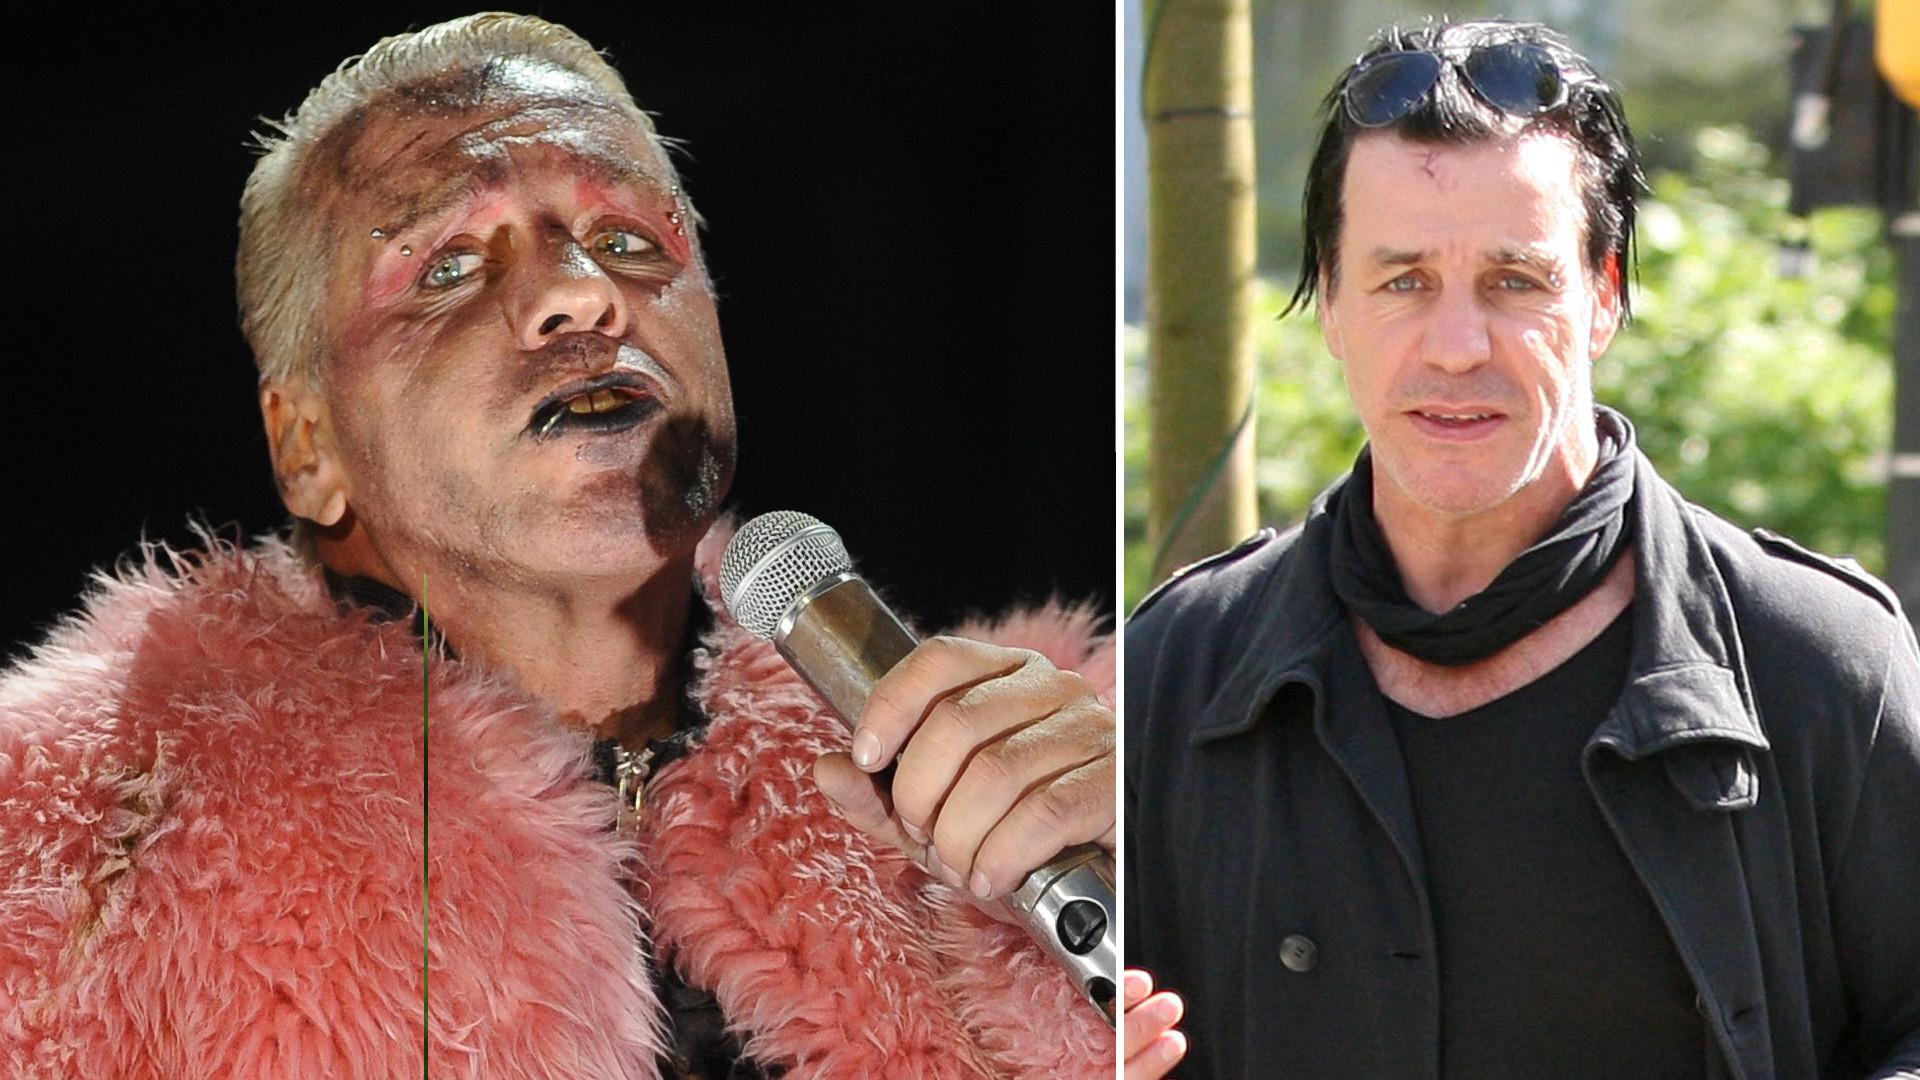 Till Lindemann, wokalista zespołu Rammstein, z koronawirusem trafił do szpitala w krytycznym stanie